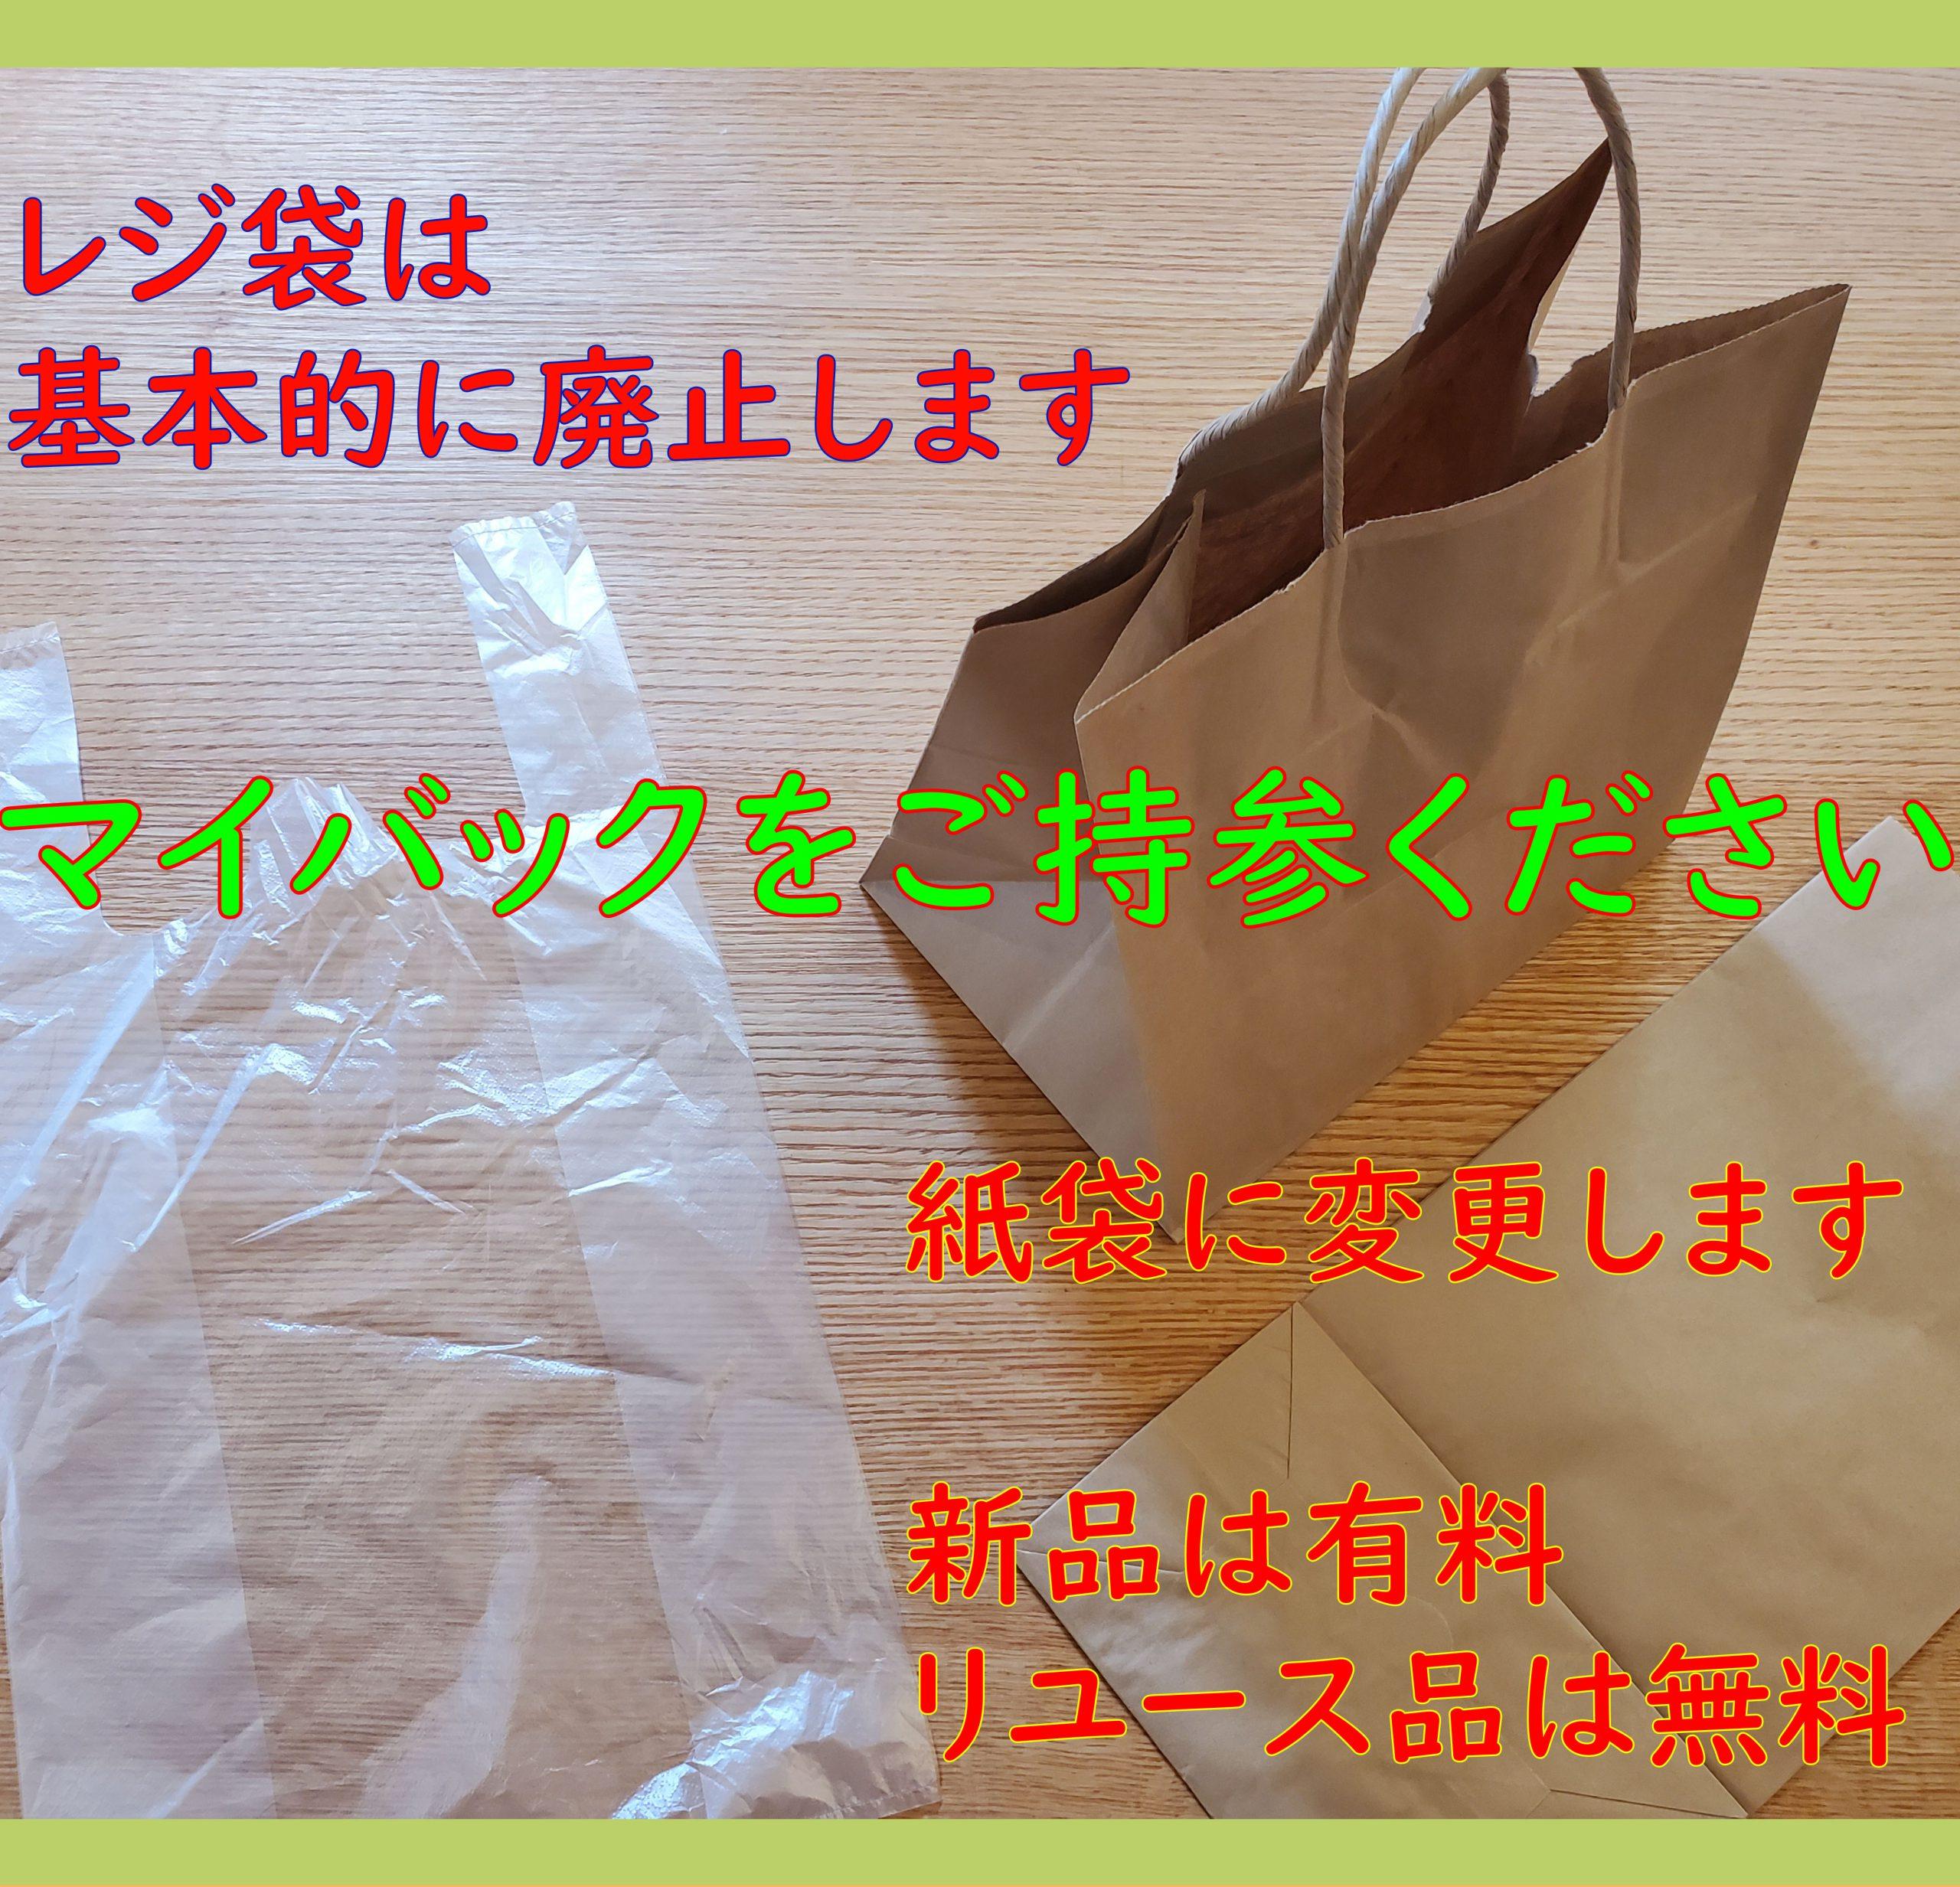 レジ袋廃止します❣